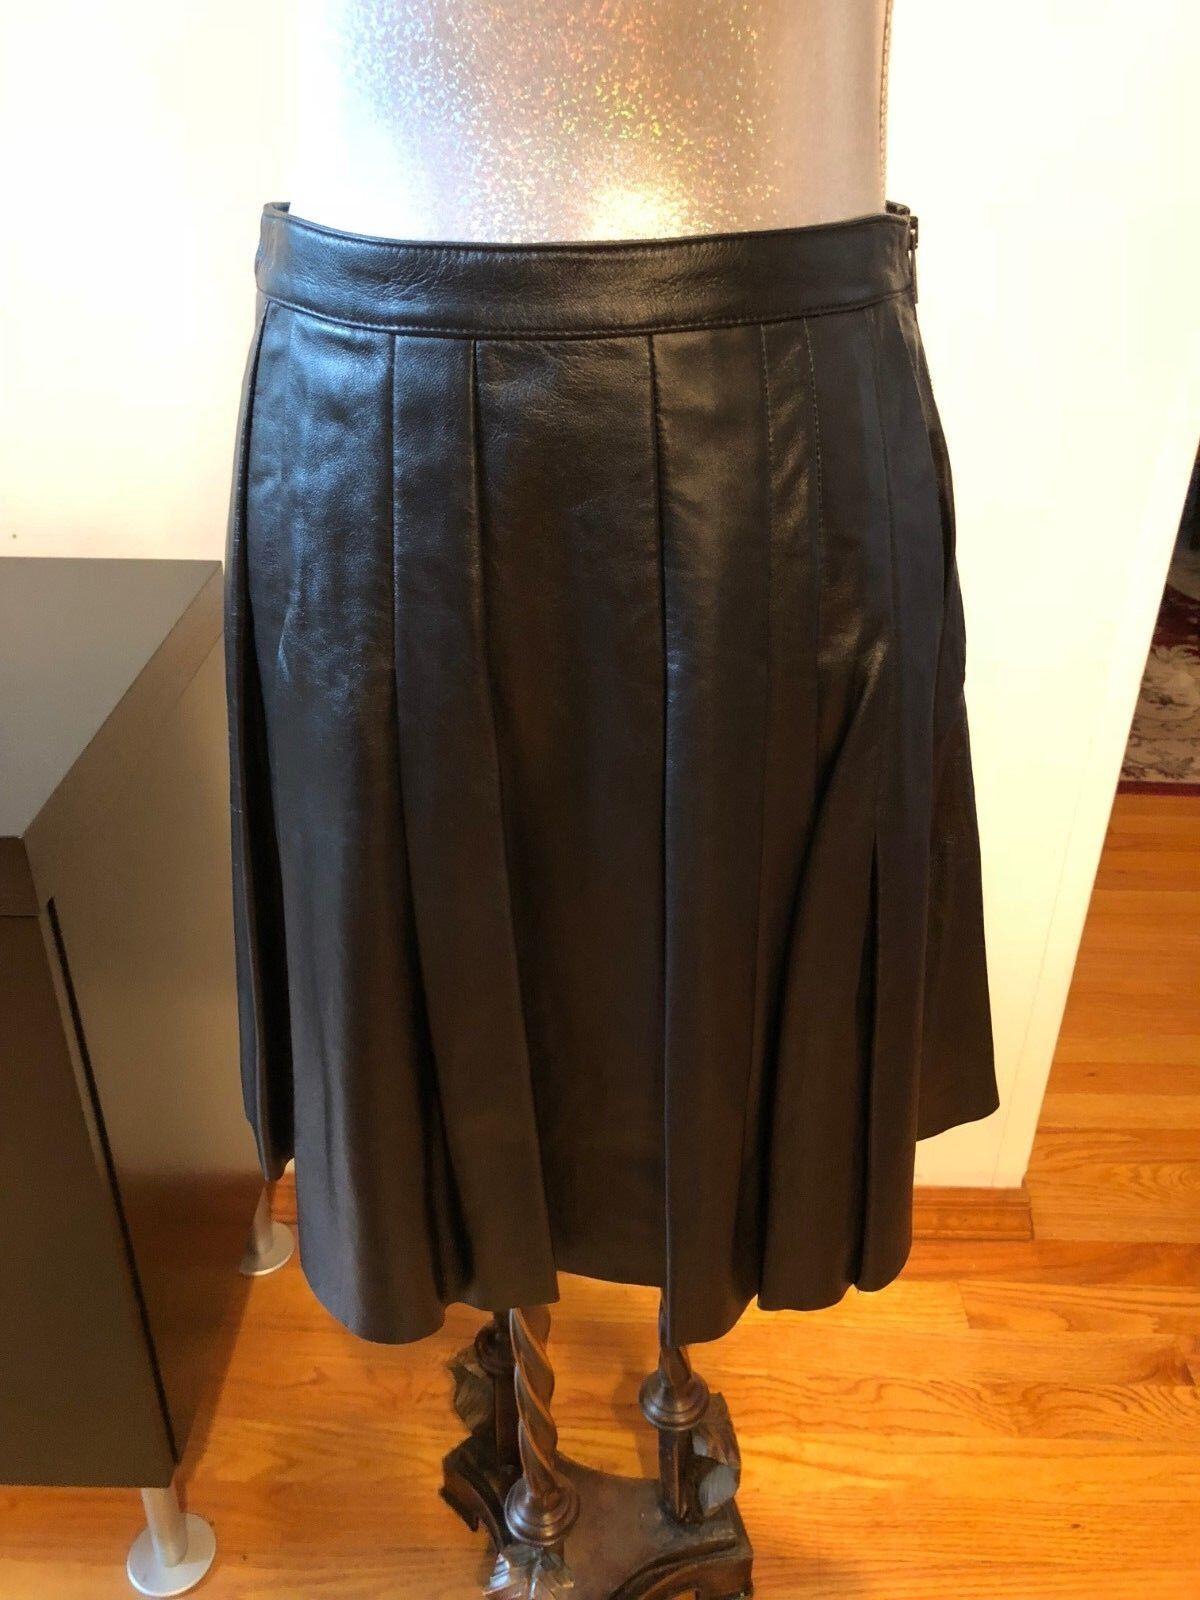 NEW Belstaff Pleaded Leather Skirt Size 42